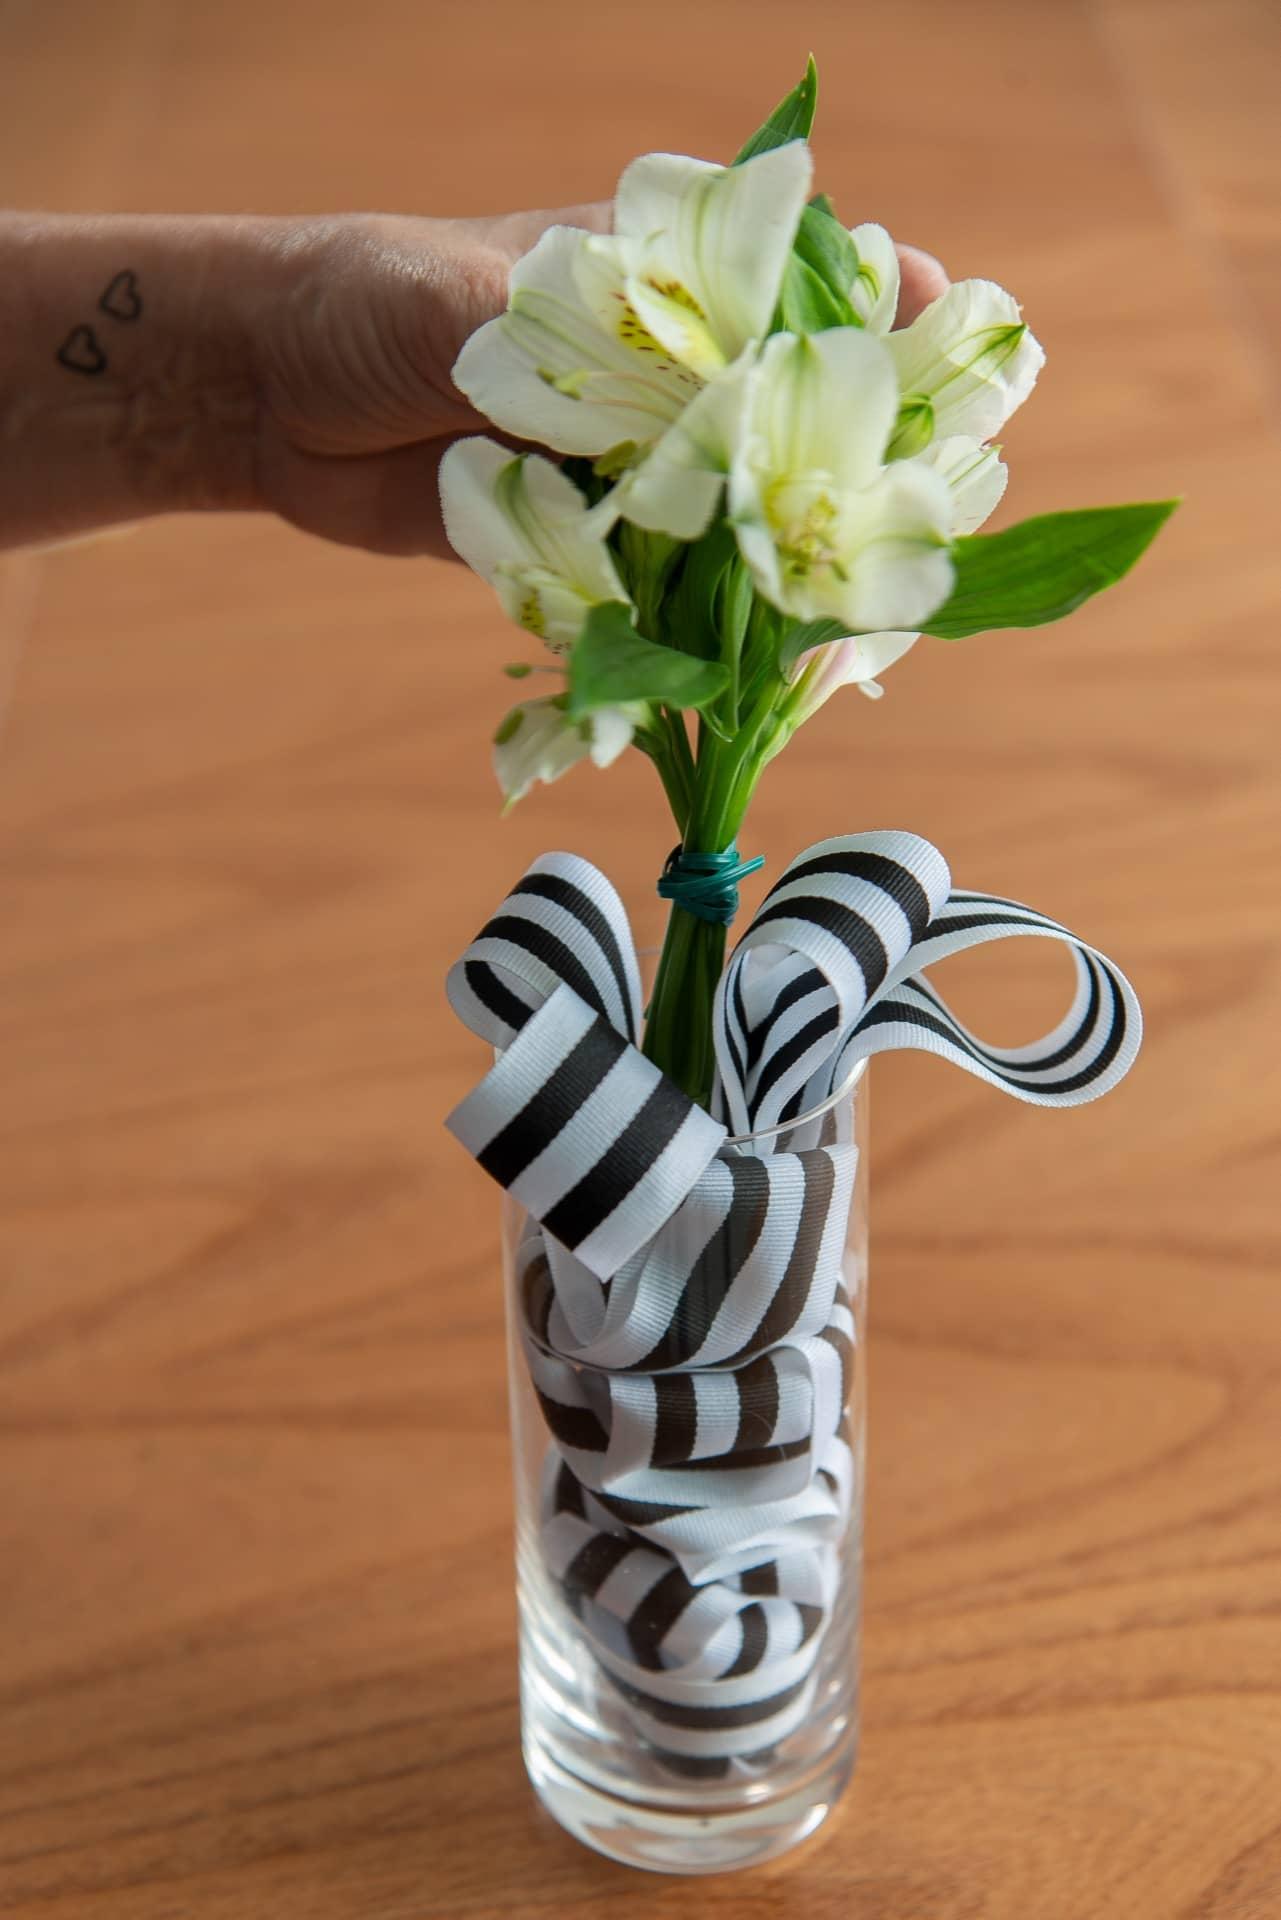 Passo 5: coloque o buquê no meio da fita. Se você tiver um tubete de plástico (similar a um tubo de ensaio) coloque o buquê dentro do tubo, com um pouco e água, e esconda no meio da fita. Foto: Cacá Bratke